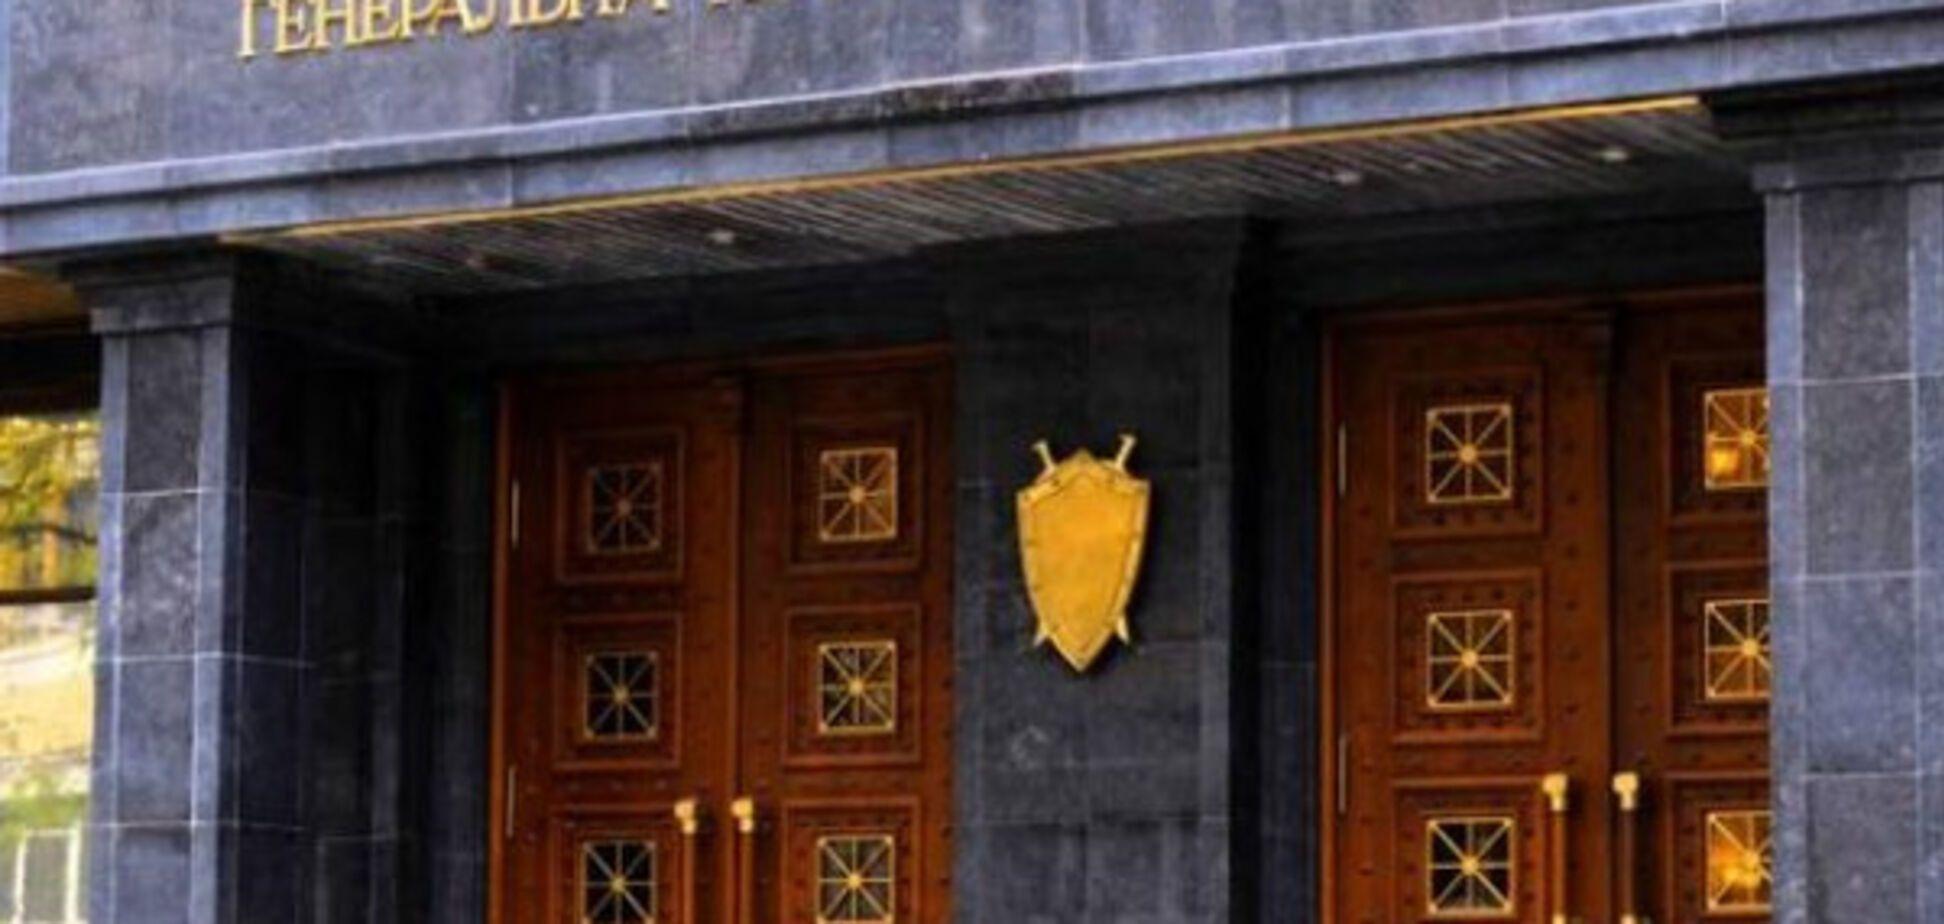 СМИ: ГПУ наведалась с обыском к подозреваемому в коррупции судье Петрику